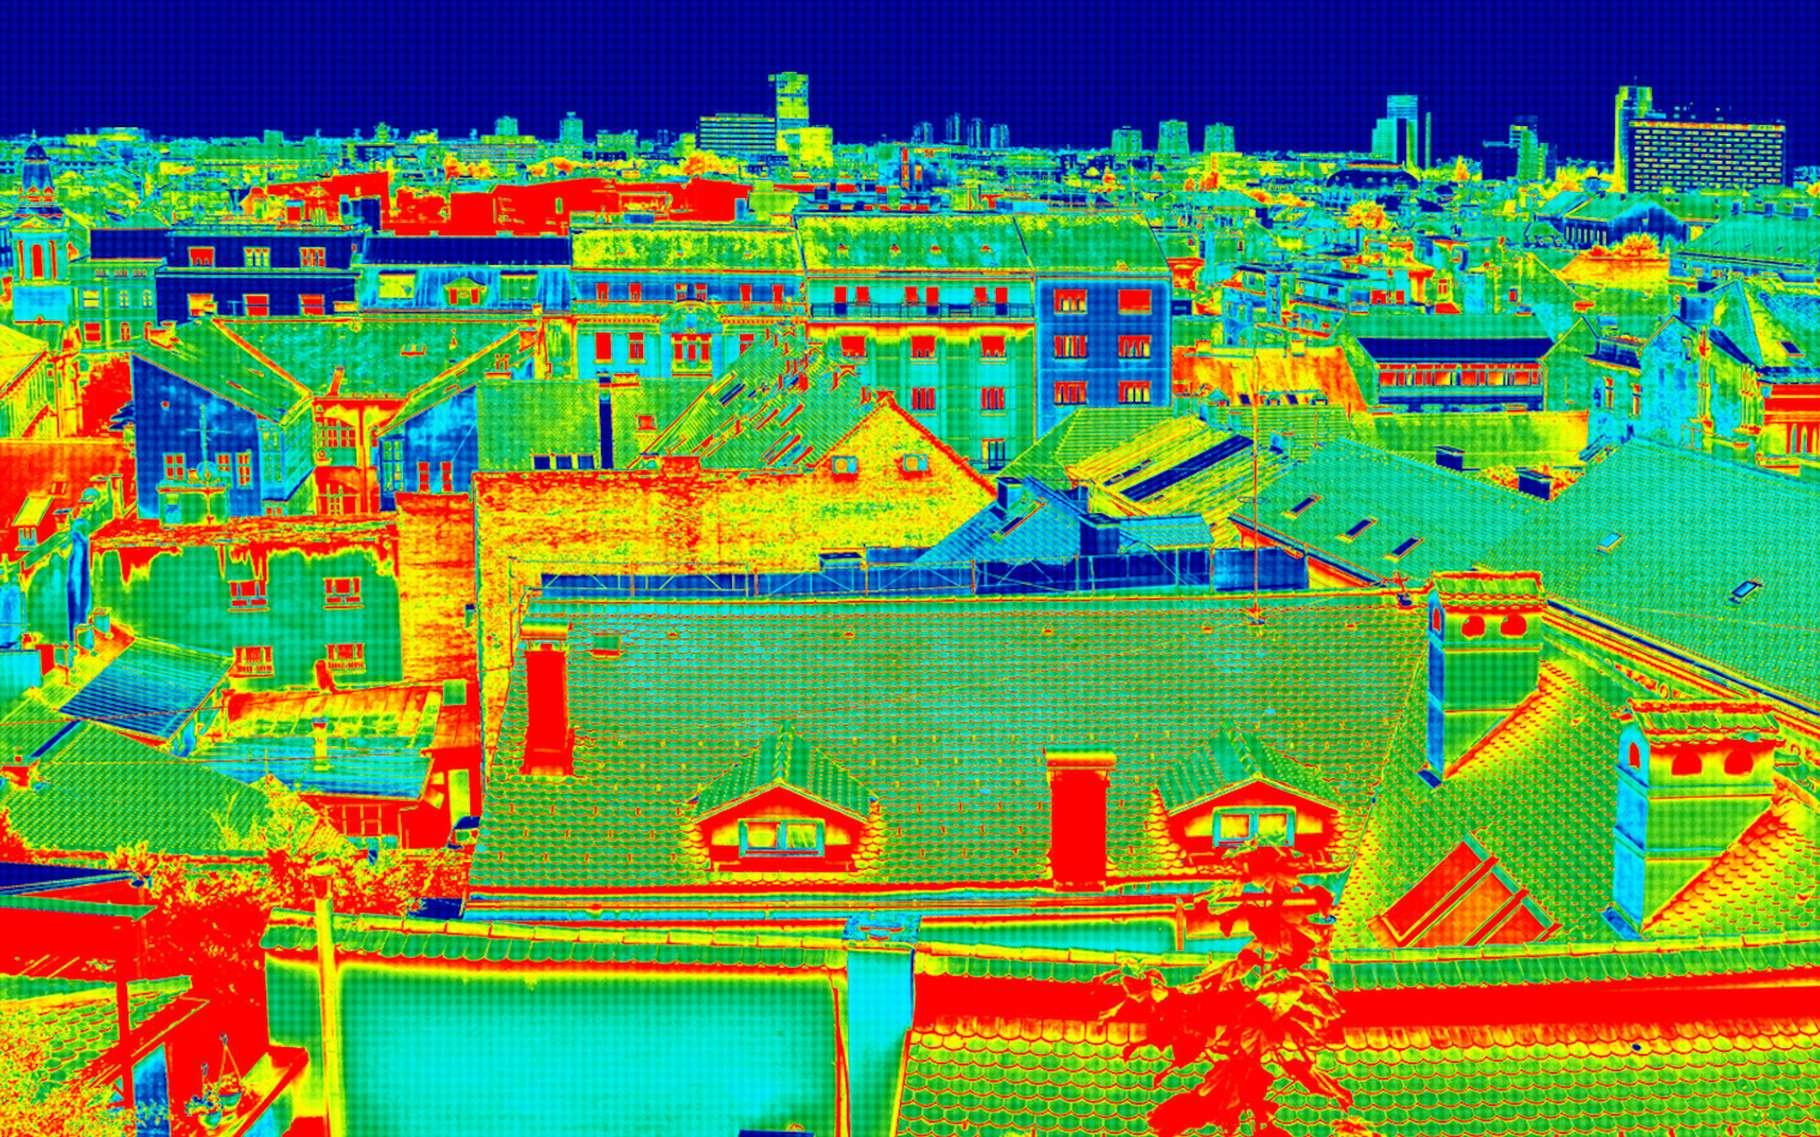 Un îlot de chaleur urbain correspond à une sorte de microclimat pour lequel les températures sont significativement plus élevées. © smuki, Fotolia